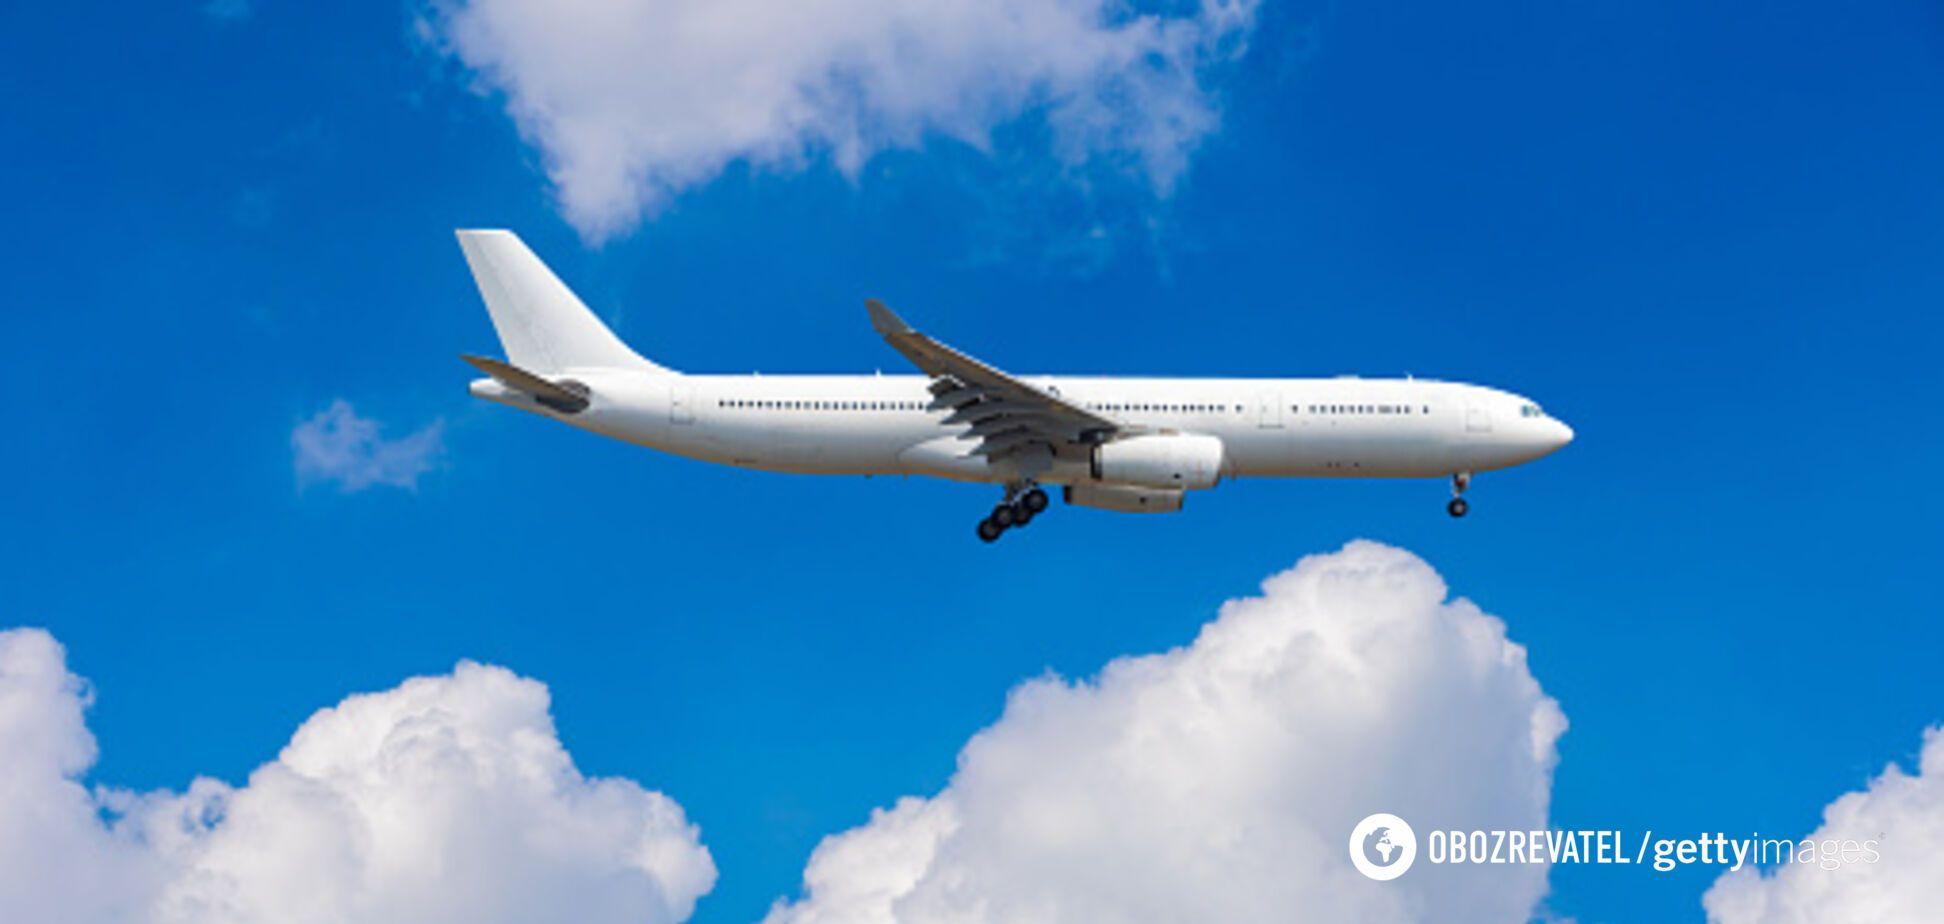 Україна відновить міжнародне авіасполучення: названо дату